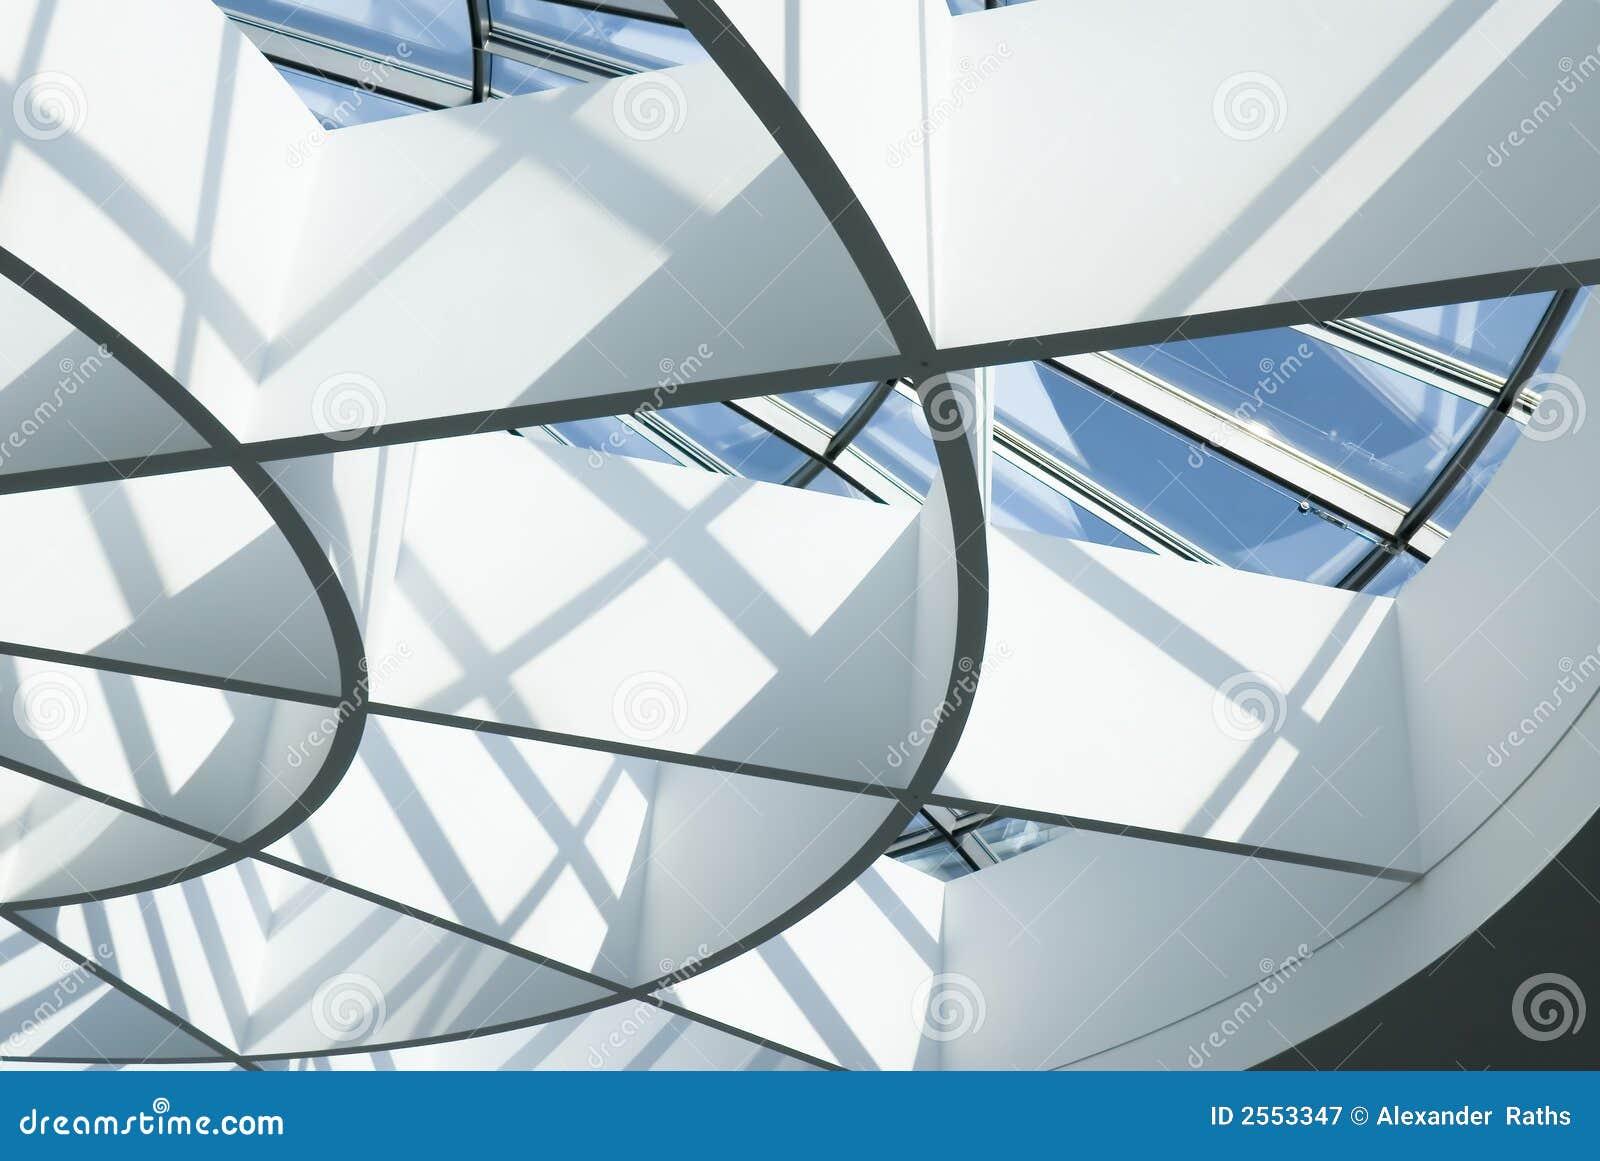 Szkło dach